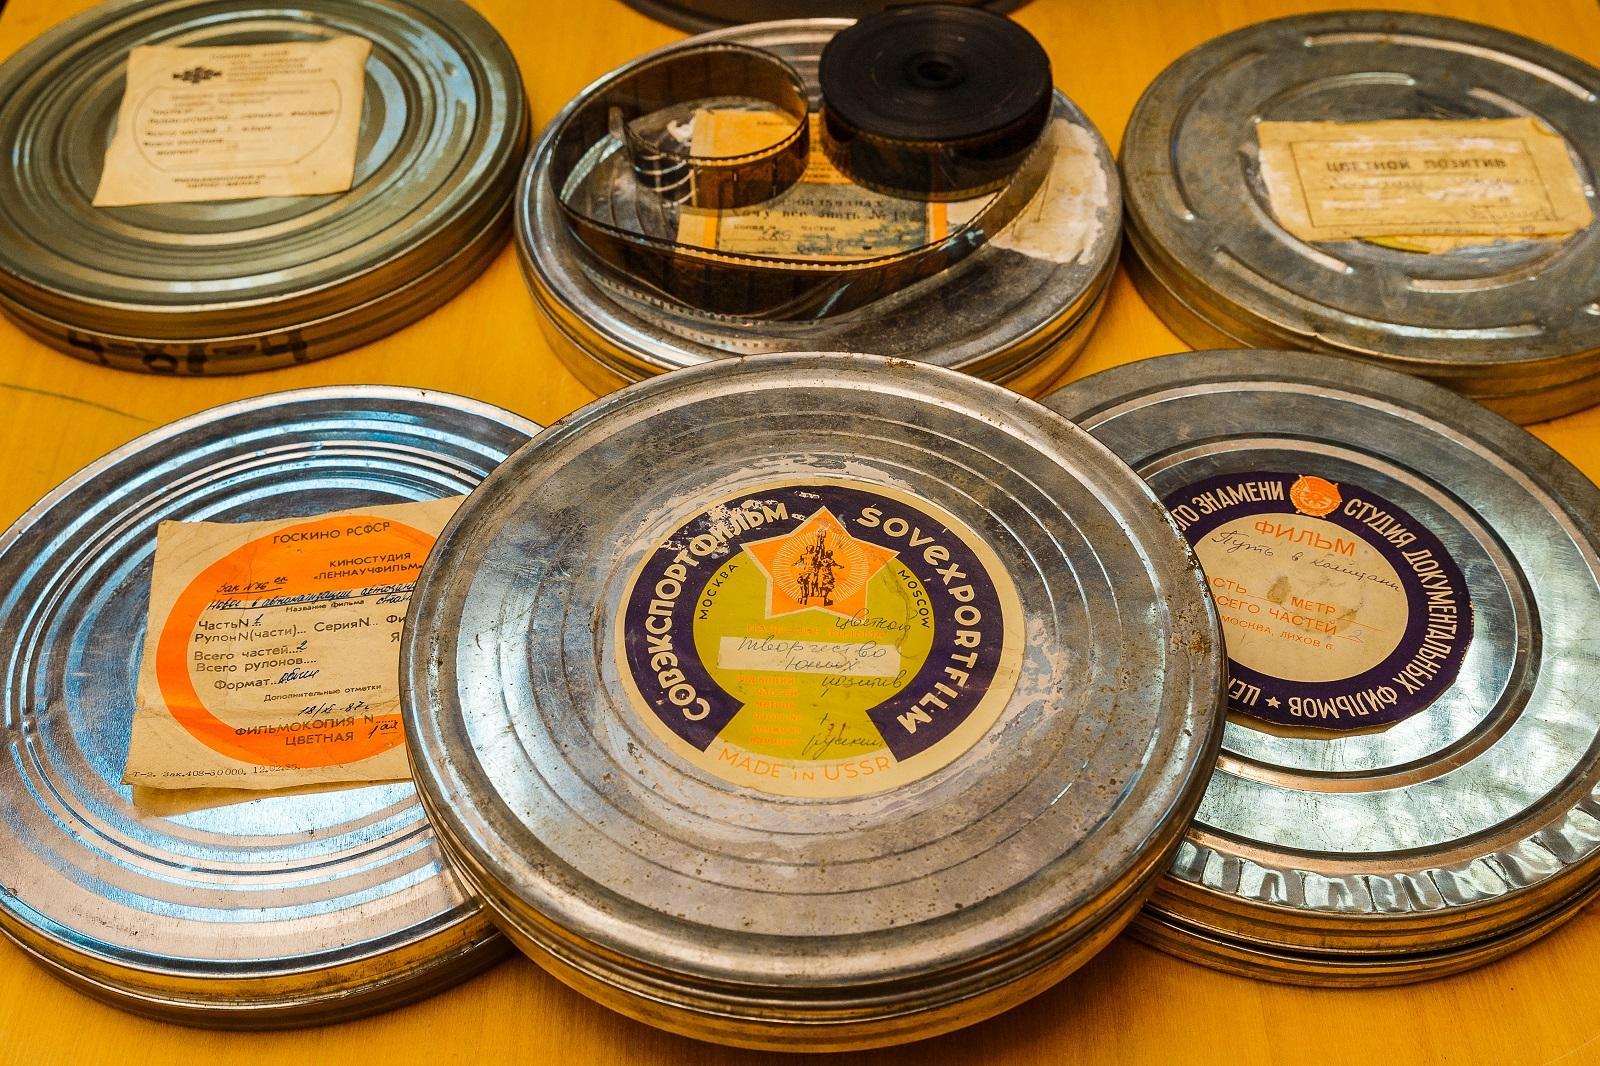 Около 100 кинопленок с образовательными фильмами обнаружено в исторических павильонах ВДНХ